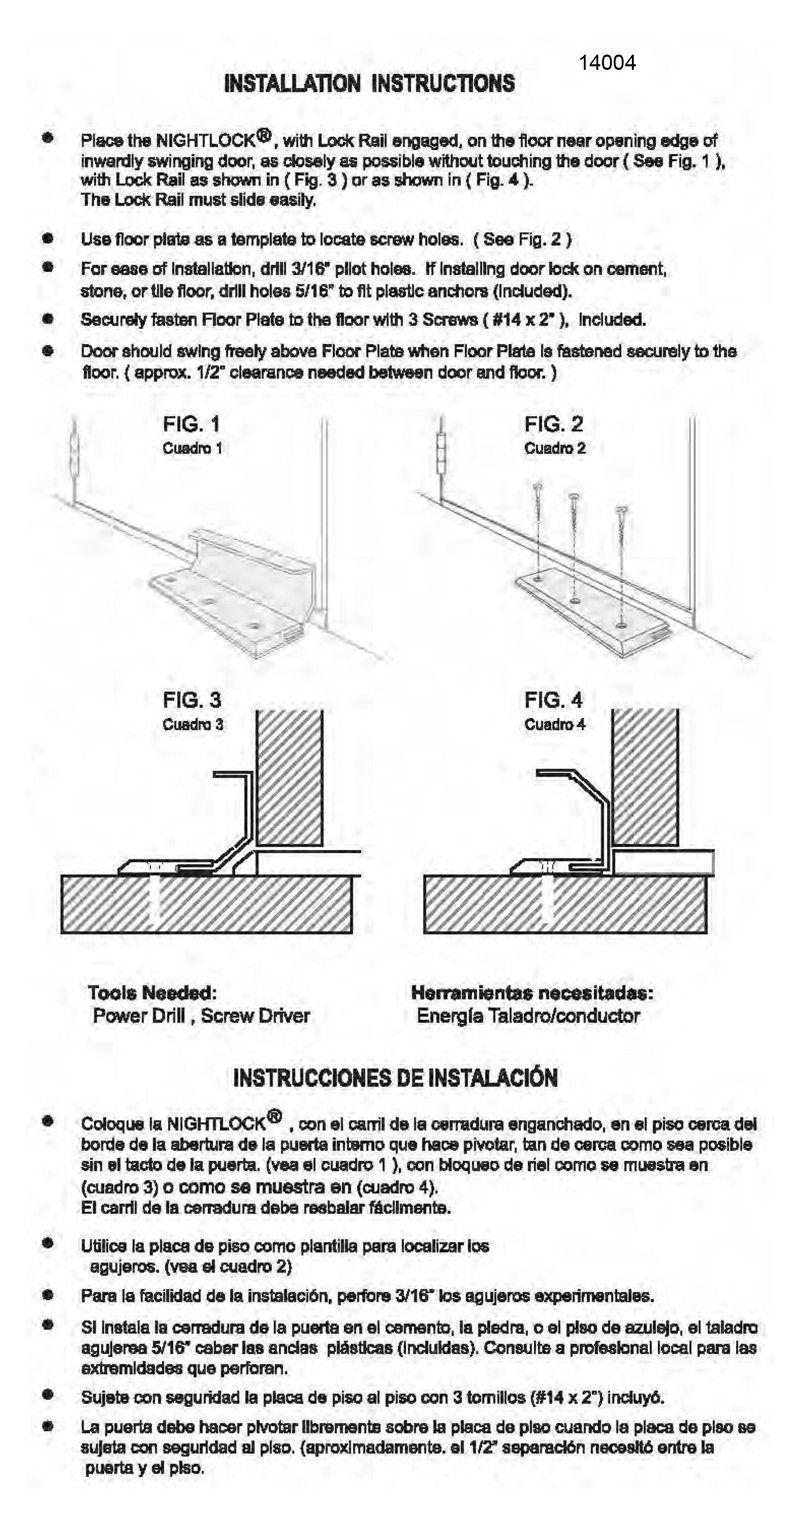 Burglar Alarm Wiring For Securing Doors Manual Guide